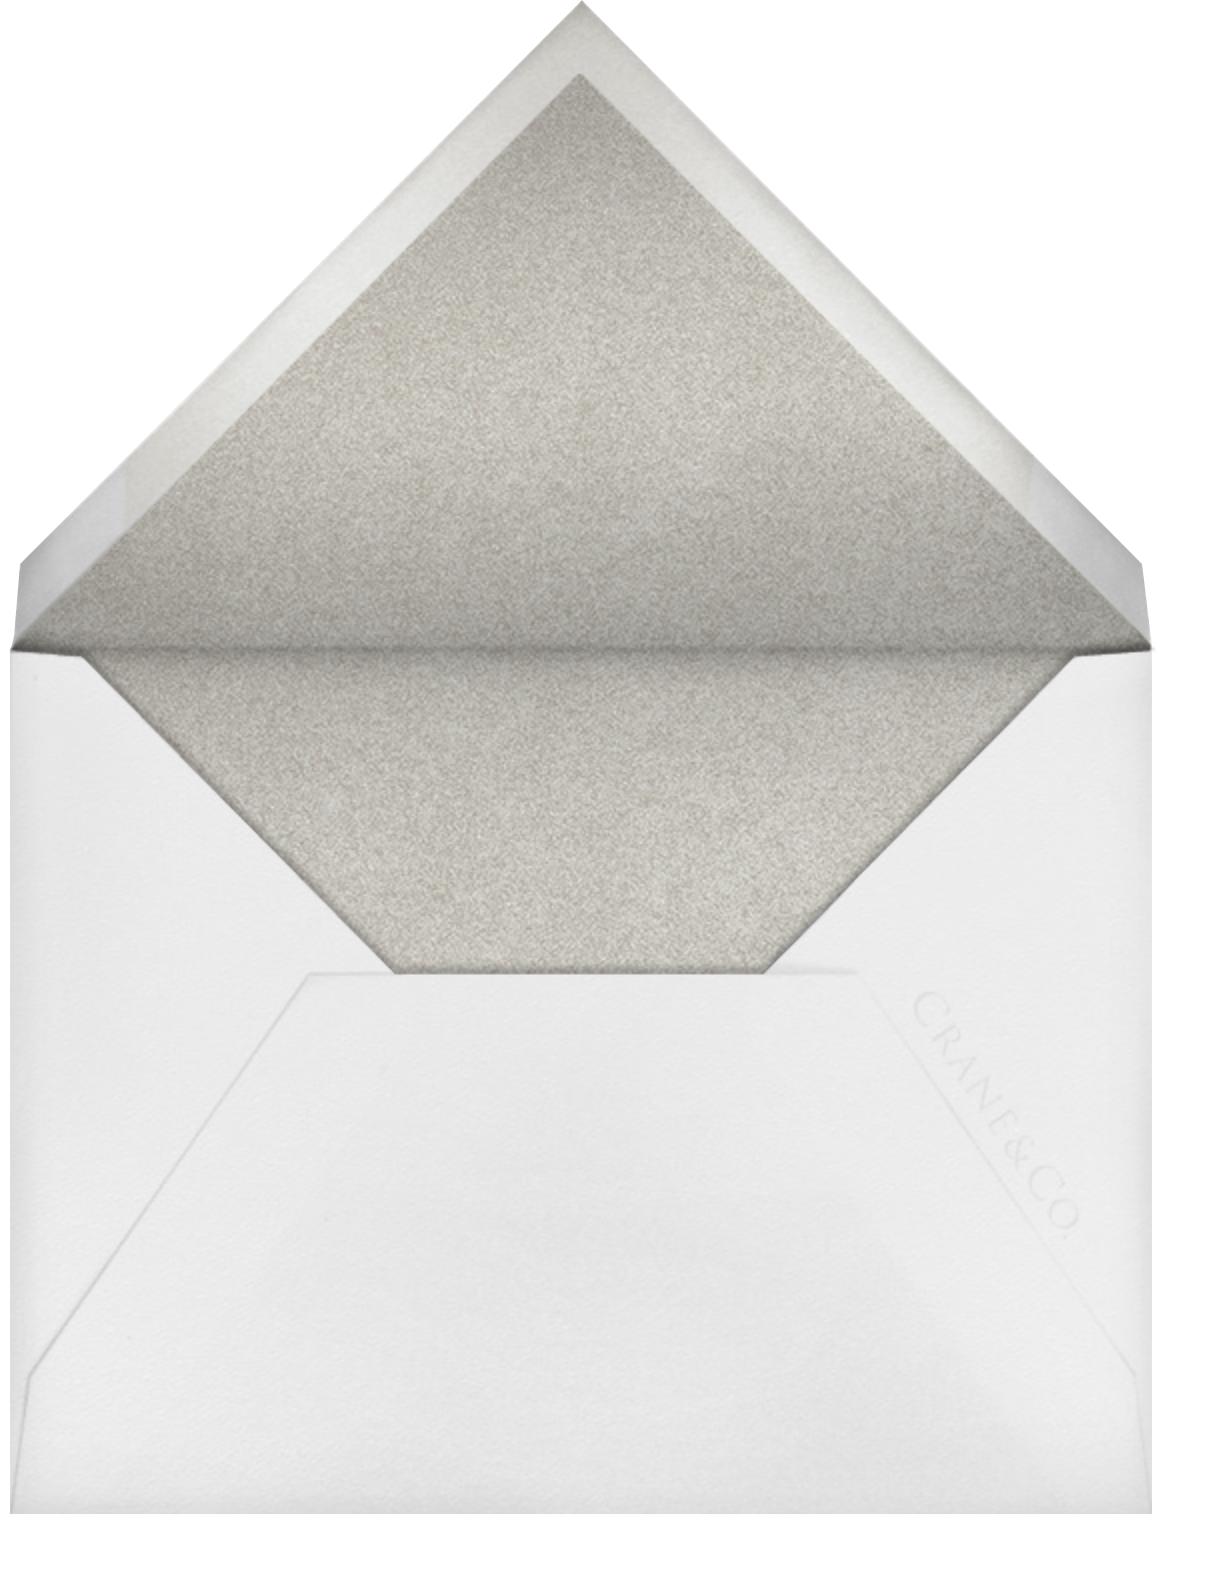 Leaf Lace Il - Platinum - Oscar de la Renta - Envelope